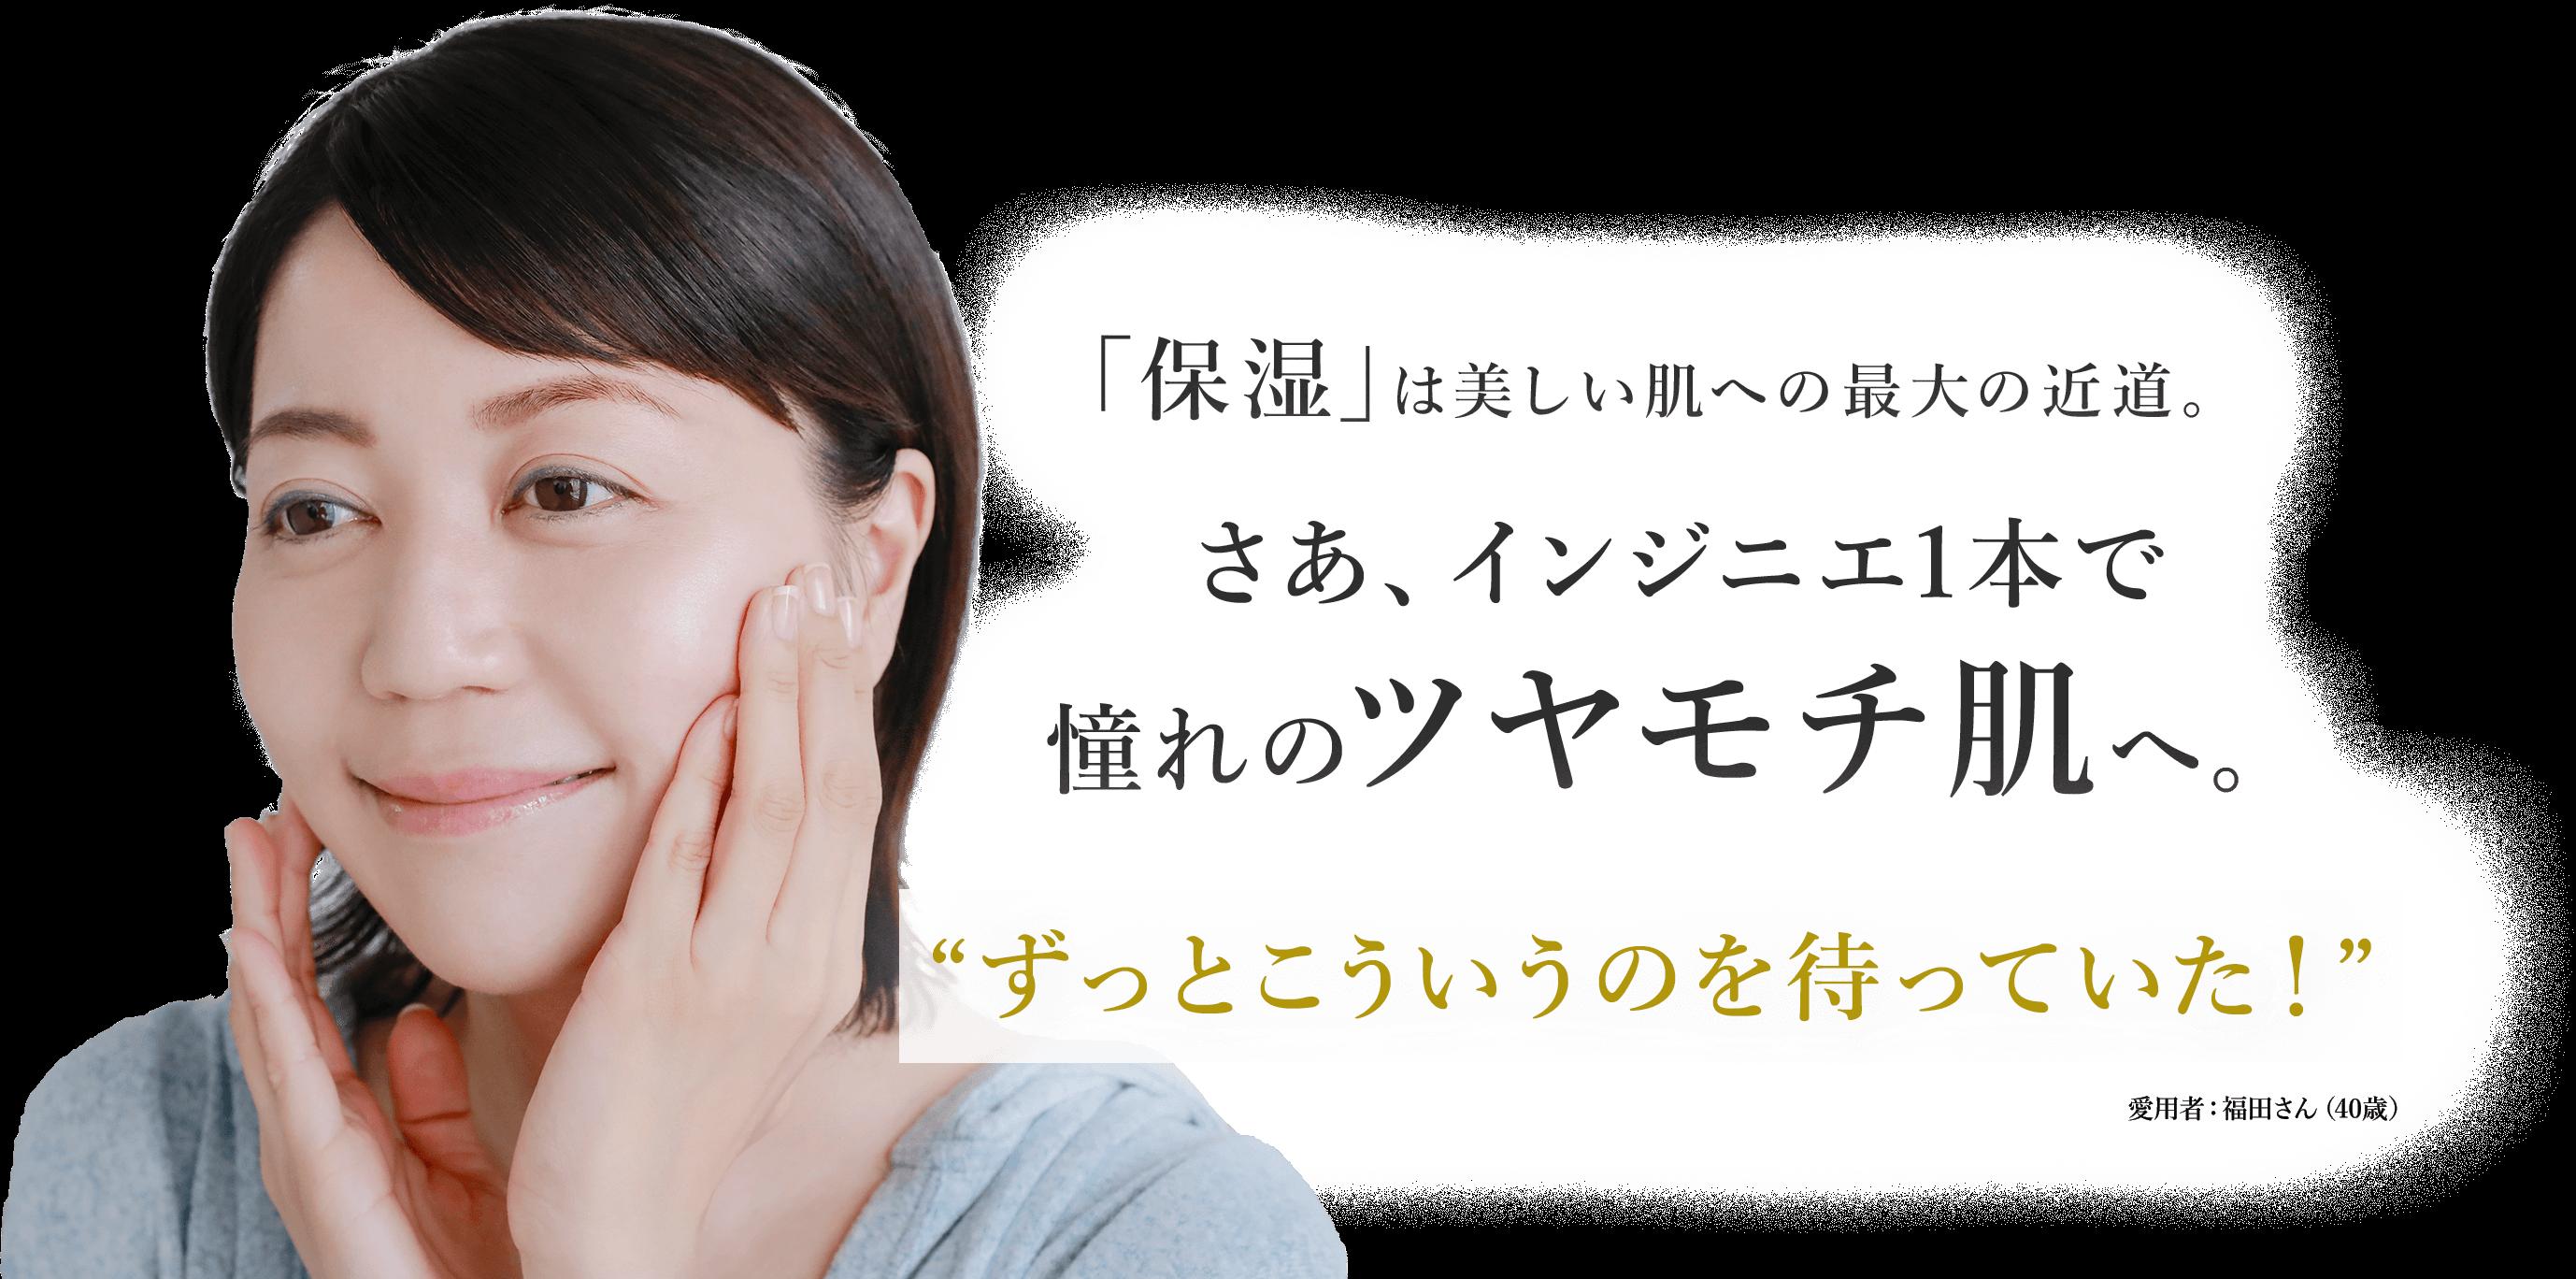 """「保湿」は美しい肌への最大の近道。さあ、インジニエ1本で憧れのツヤモチ肌へ。""""ずっとこういうのを待っていた!""""愛用者:福田さん(40歳)"""